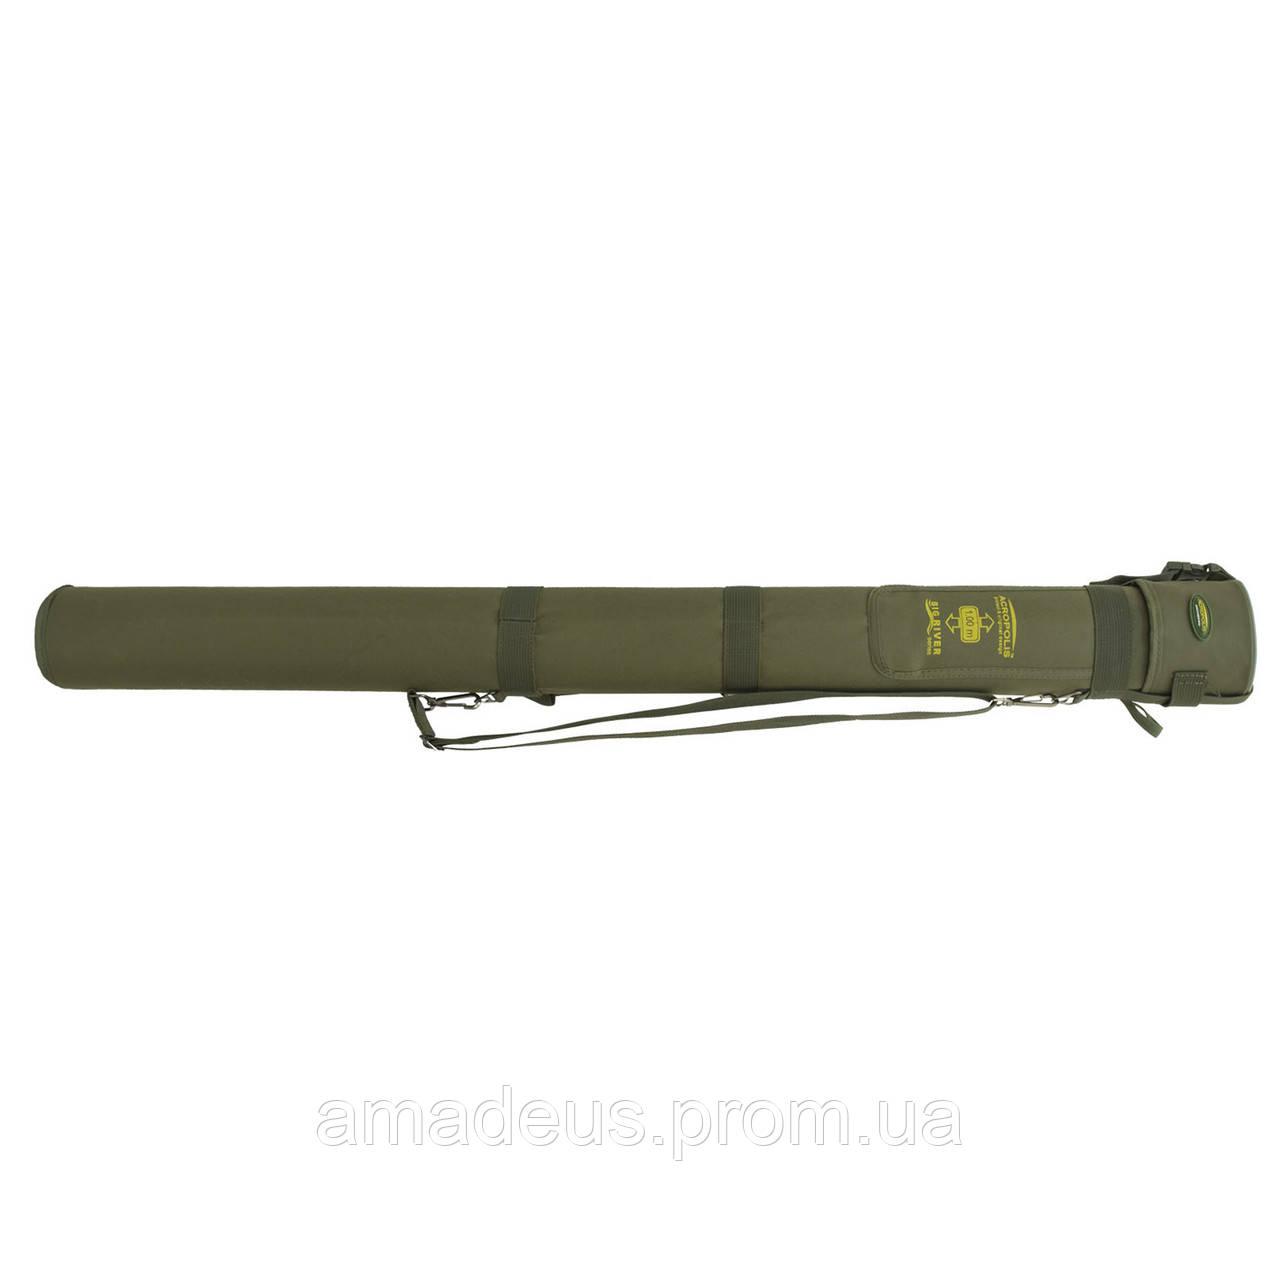 Тубус для деликатных спиннингов (135 см.)  КВ-14/135